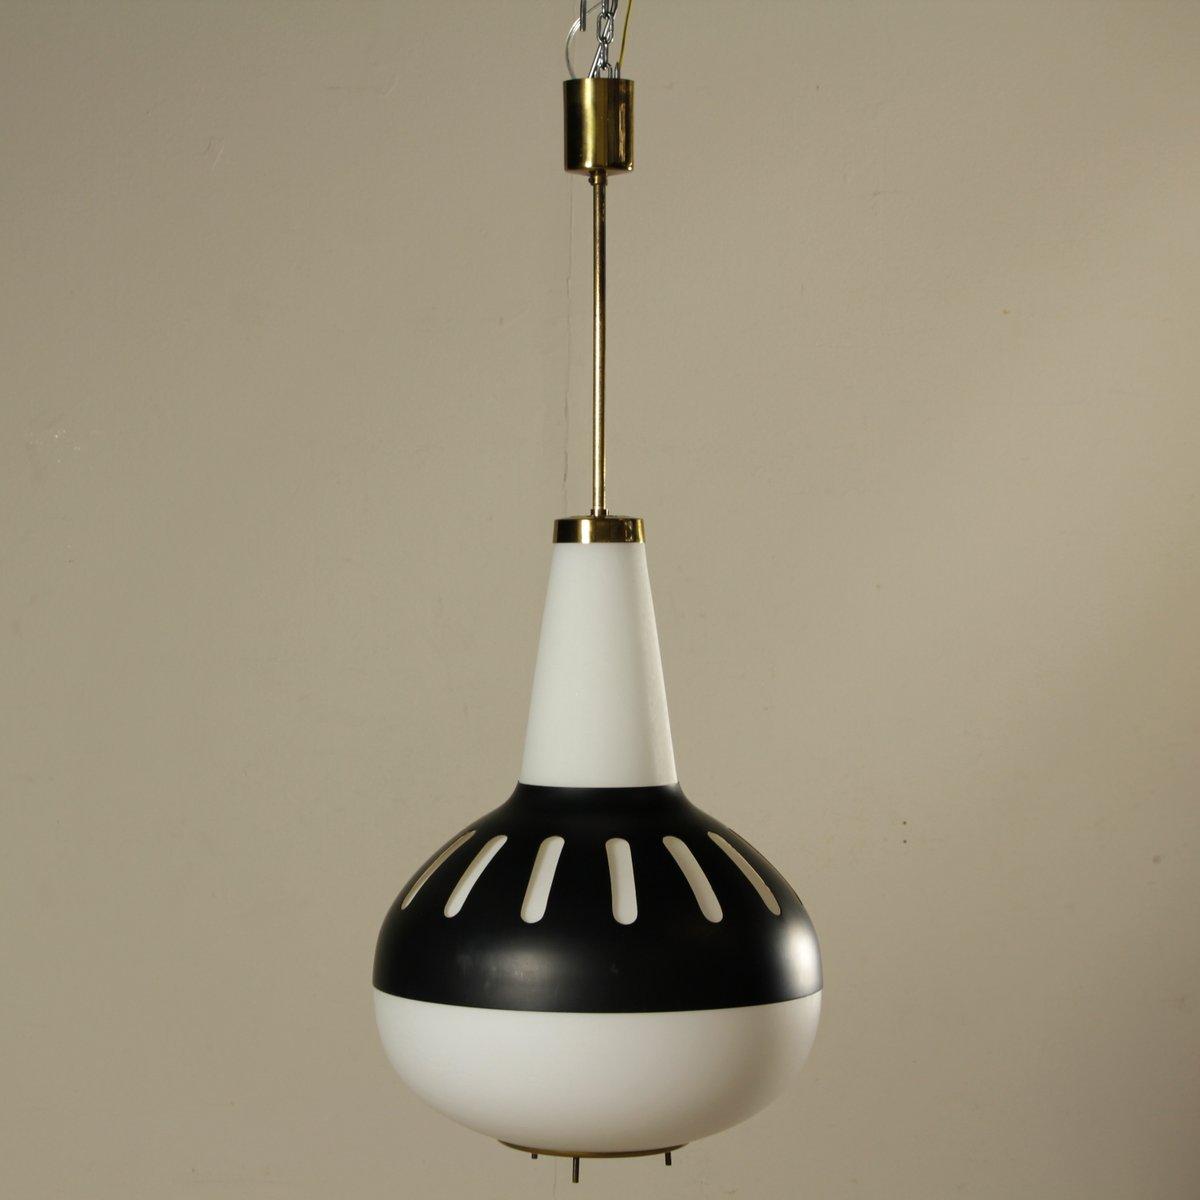 Deckenlampe aus Opalglas, Aluminium & Messing, 1960er